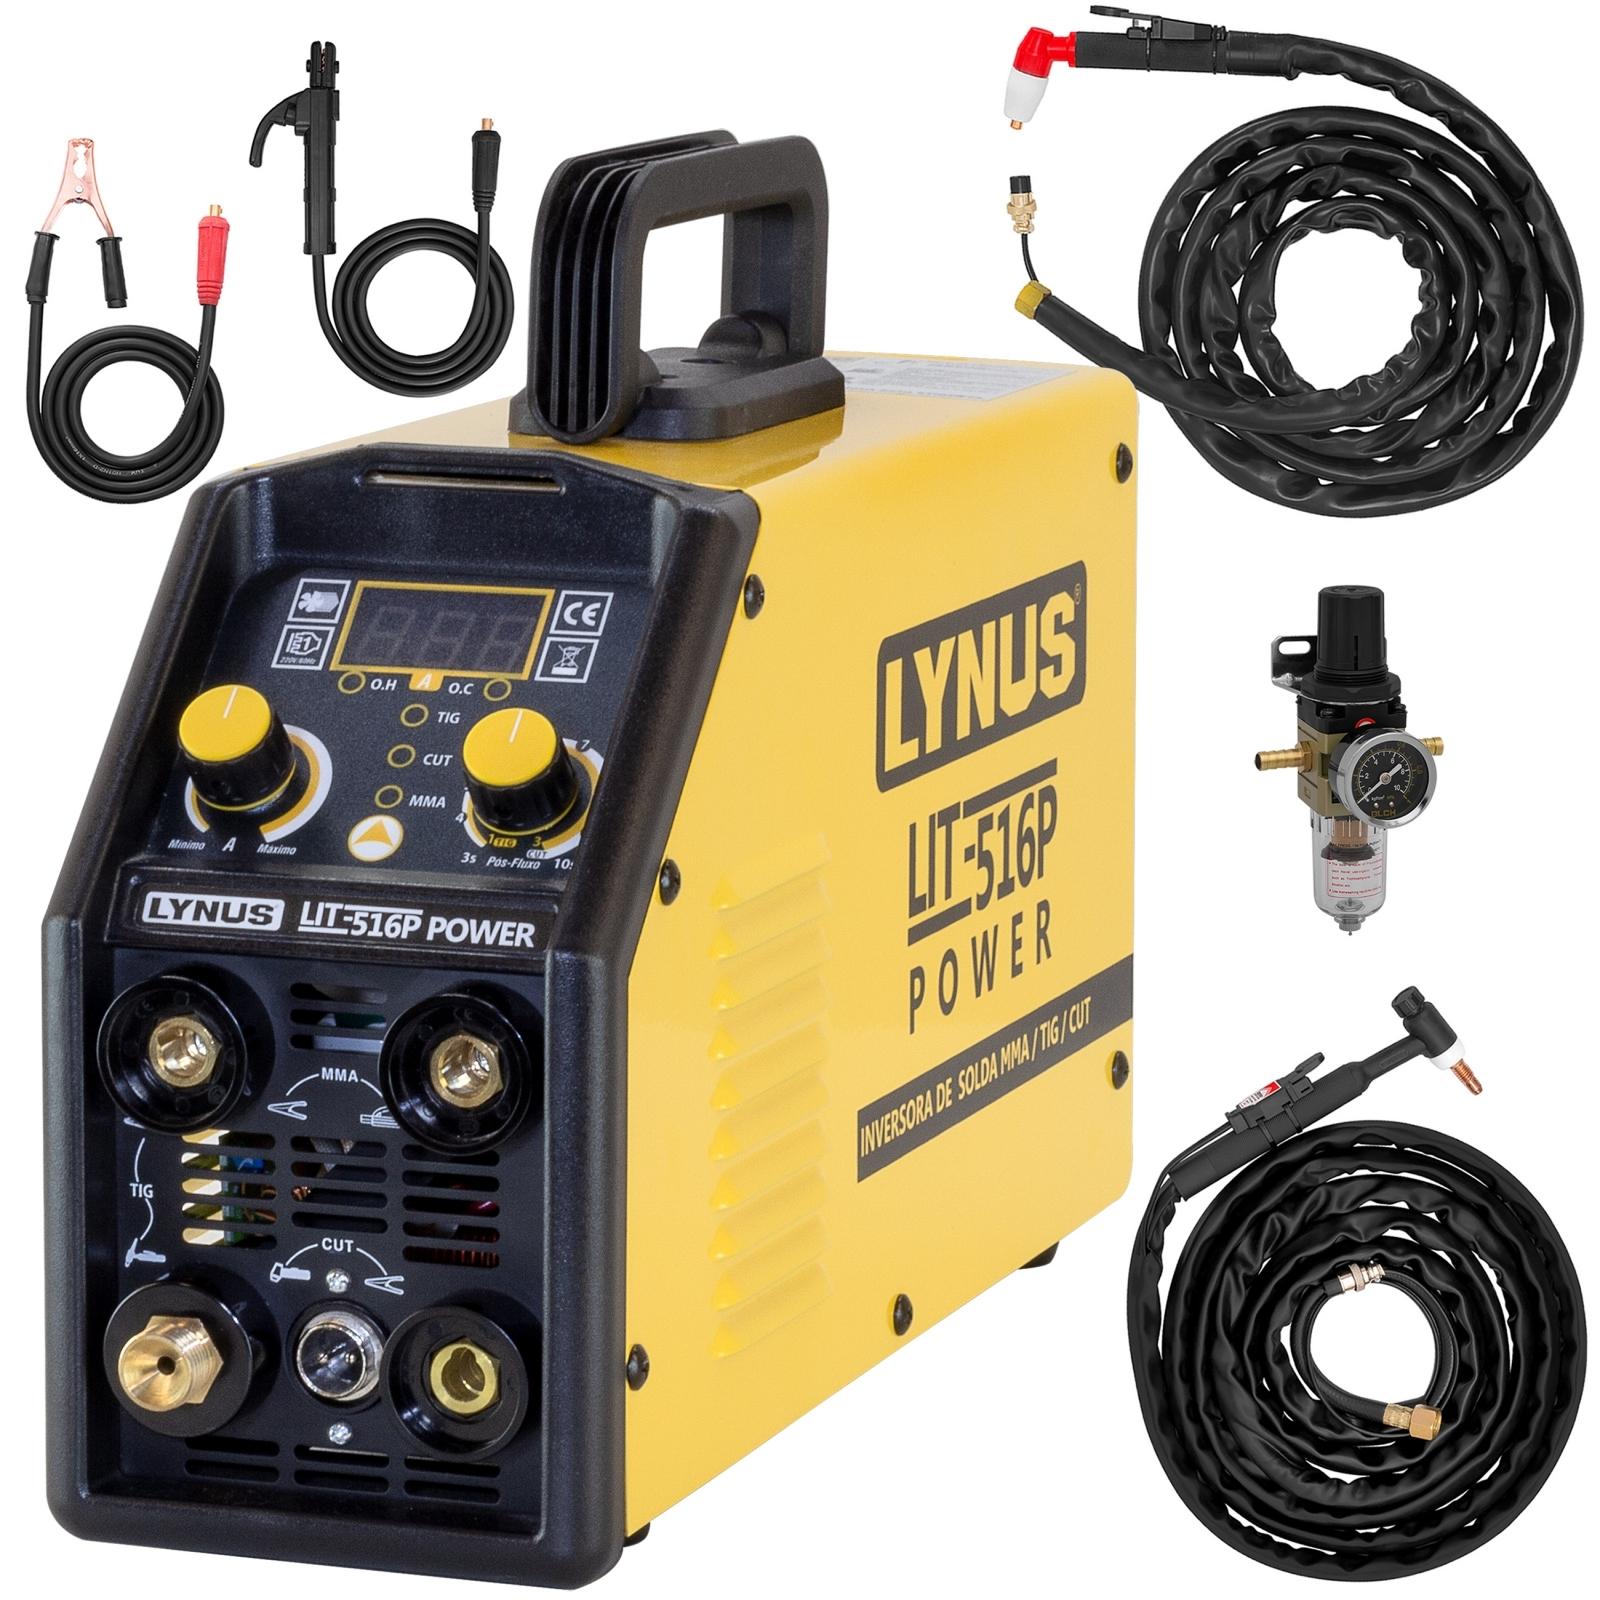 Máquina De Solda Tig Plasma Eletrodo Lynus LIT-516 Power Multiprocesso - Ferramentas MEP